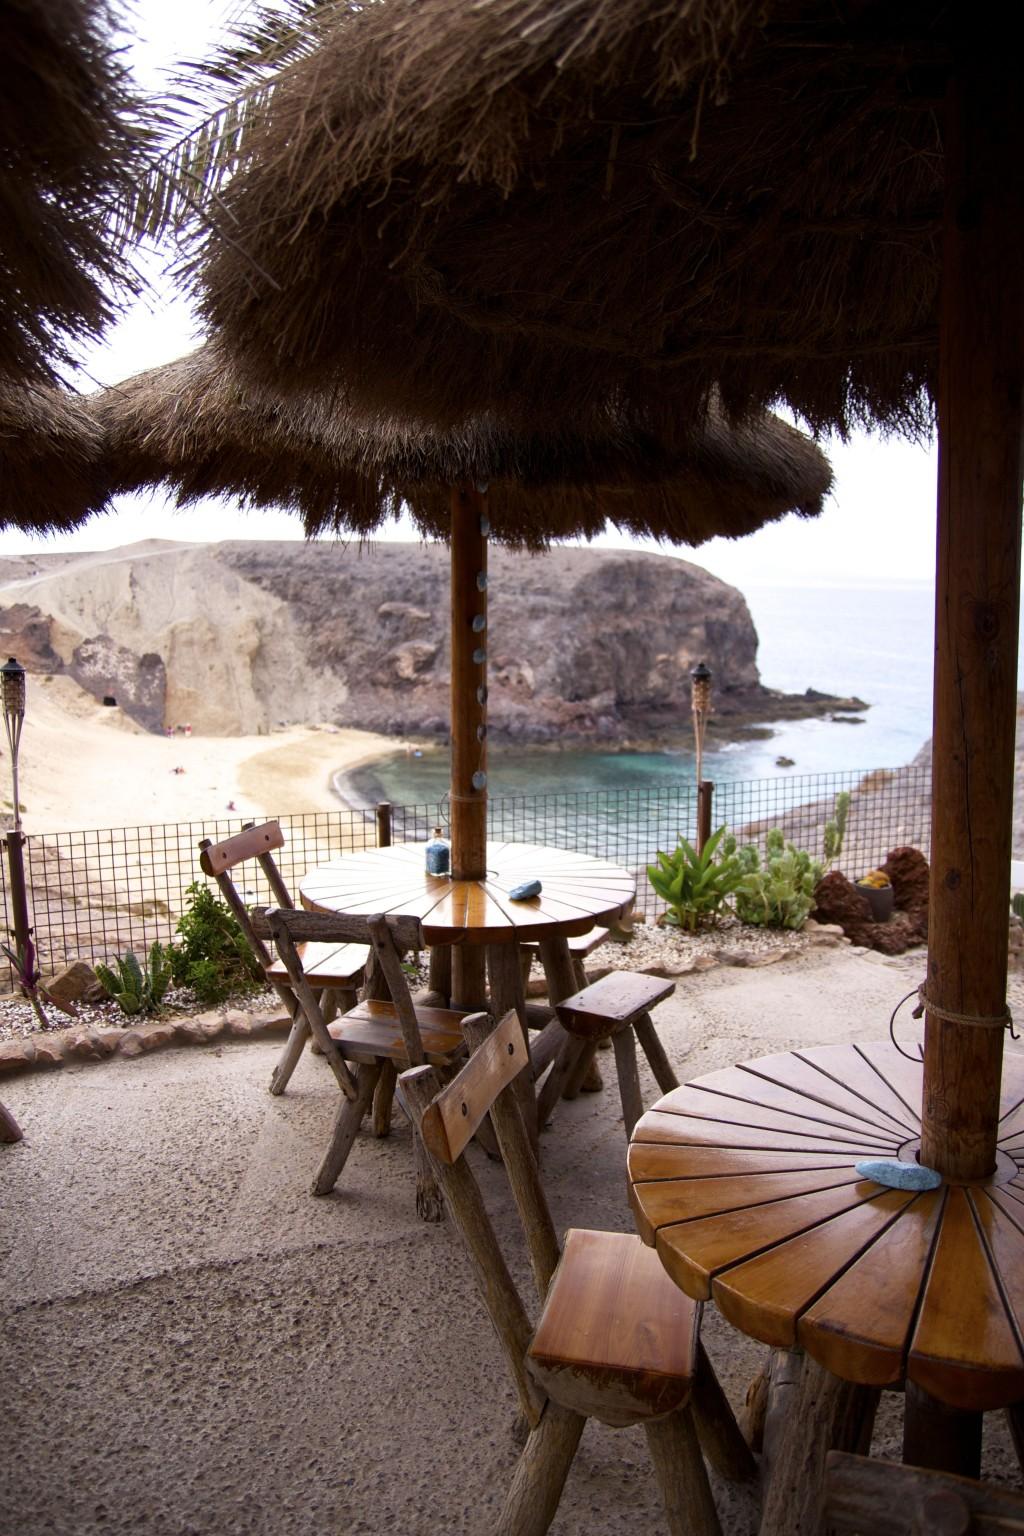 Playa Papagayo Lanzarote Blog Mode Voyage upupup.fr 2